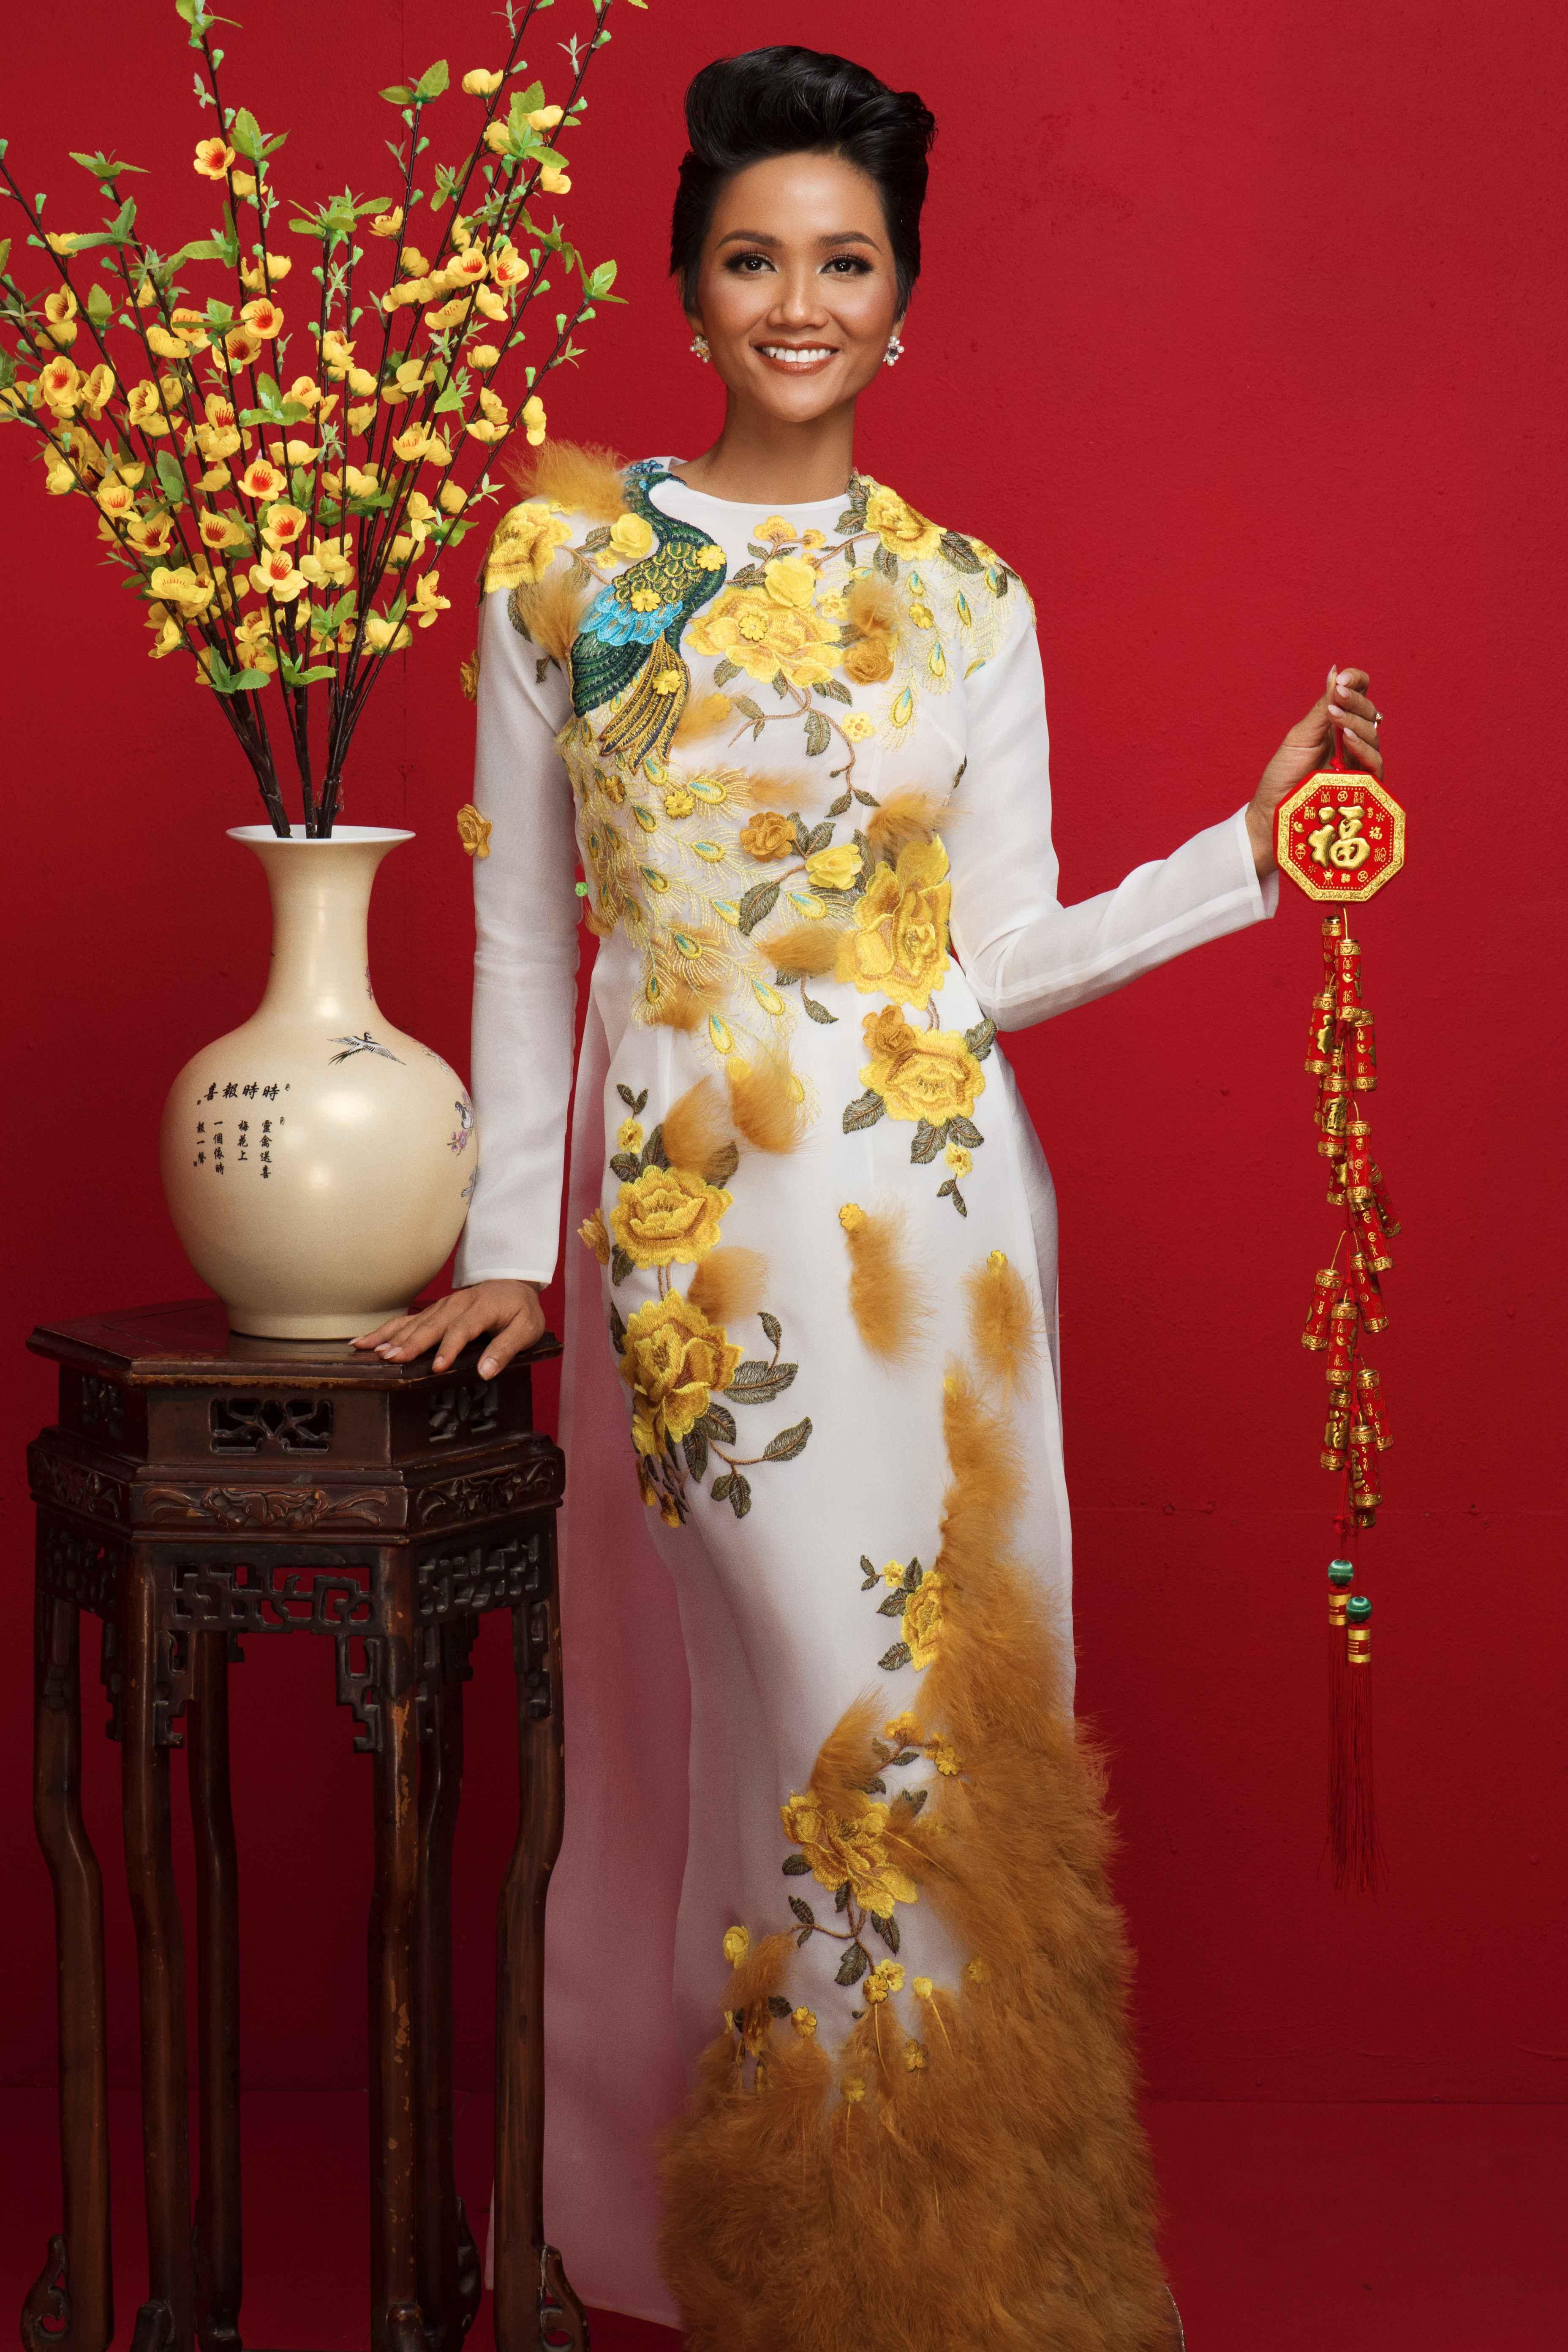 Nhắc đến ngày Tết thì không thể thiếu hình ảnh của tà áo dài truyền thống Việt Nam, vì vậycác người đẹp khoác lên người những bộ áo dài duyên dáng của nhà thiết kế Thủy Nguyễn.